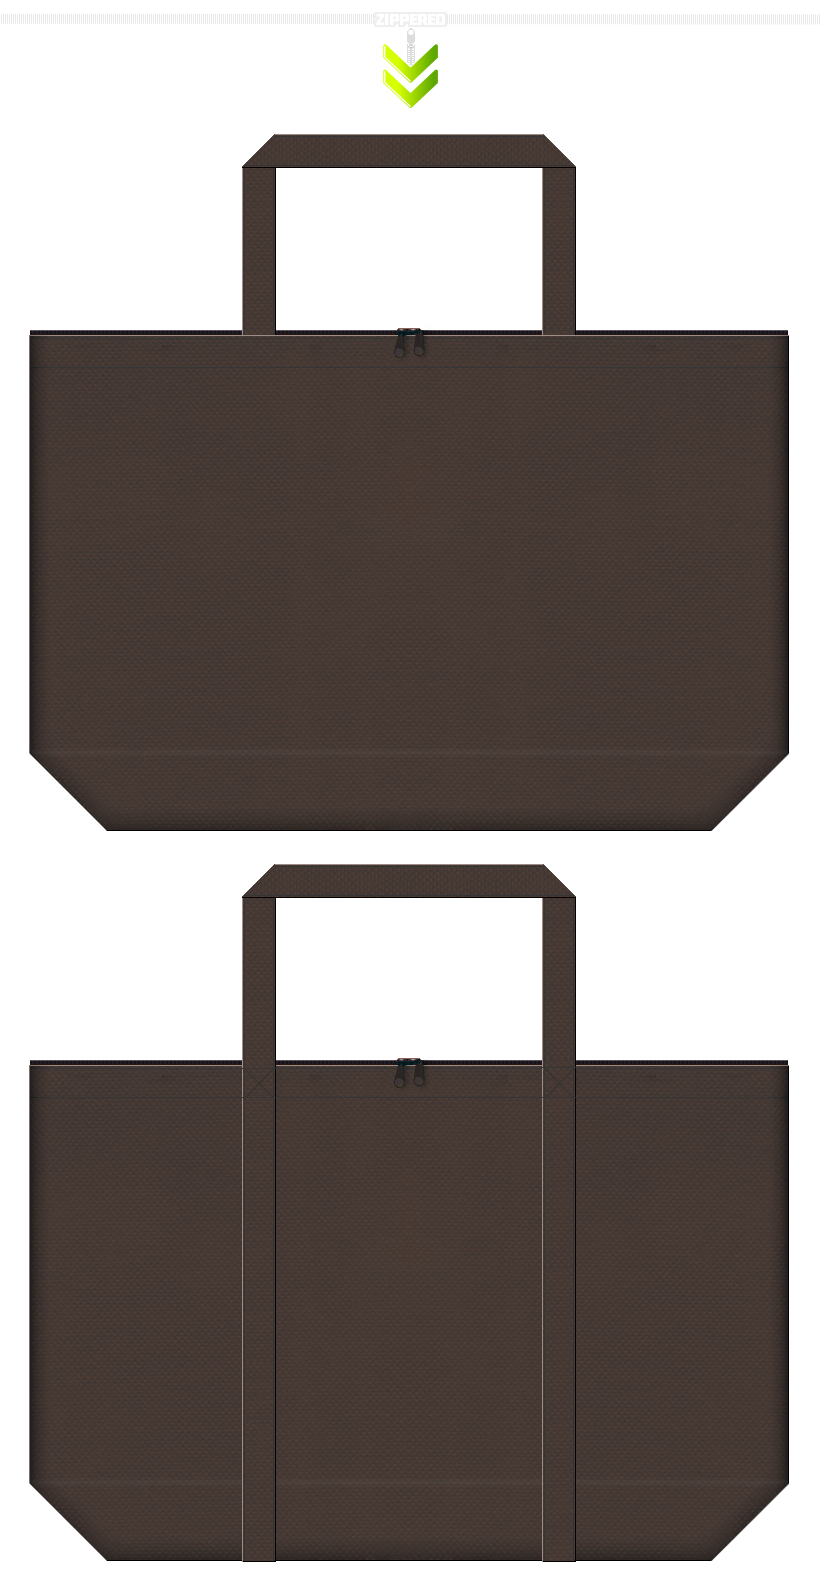 高級感・アンティーク・上品なショッピングバッグにお奨めの、こげ茶色を使用した不織布バッグ